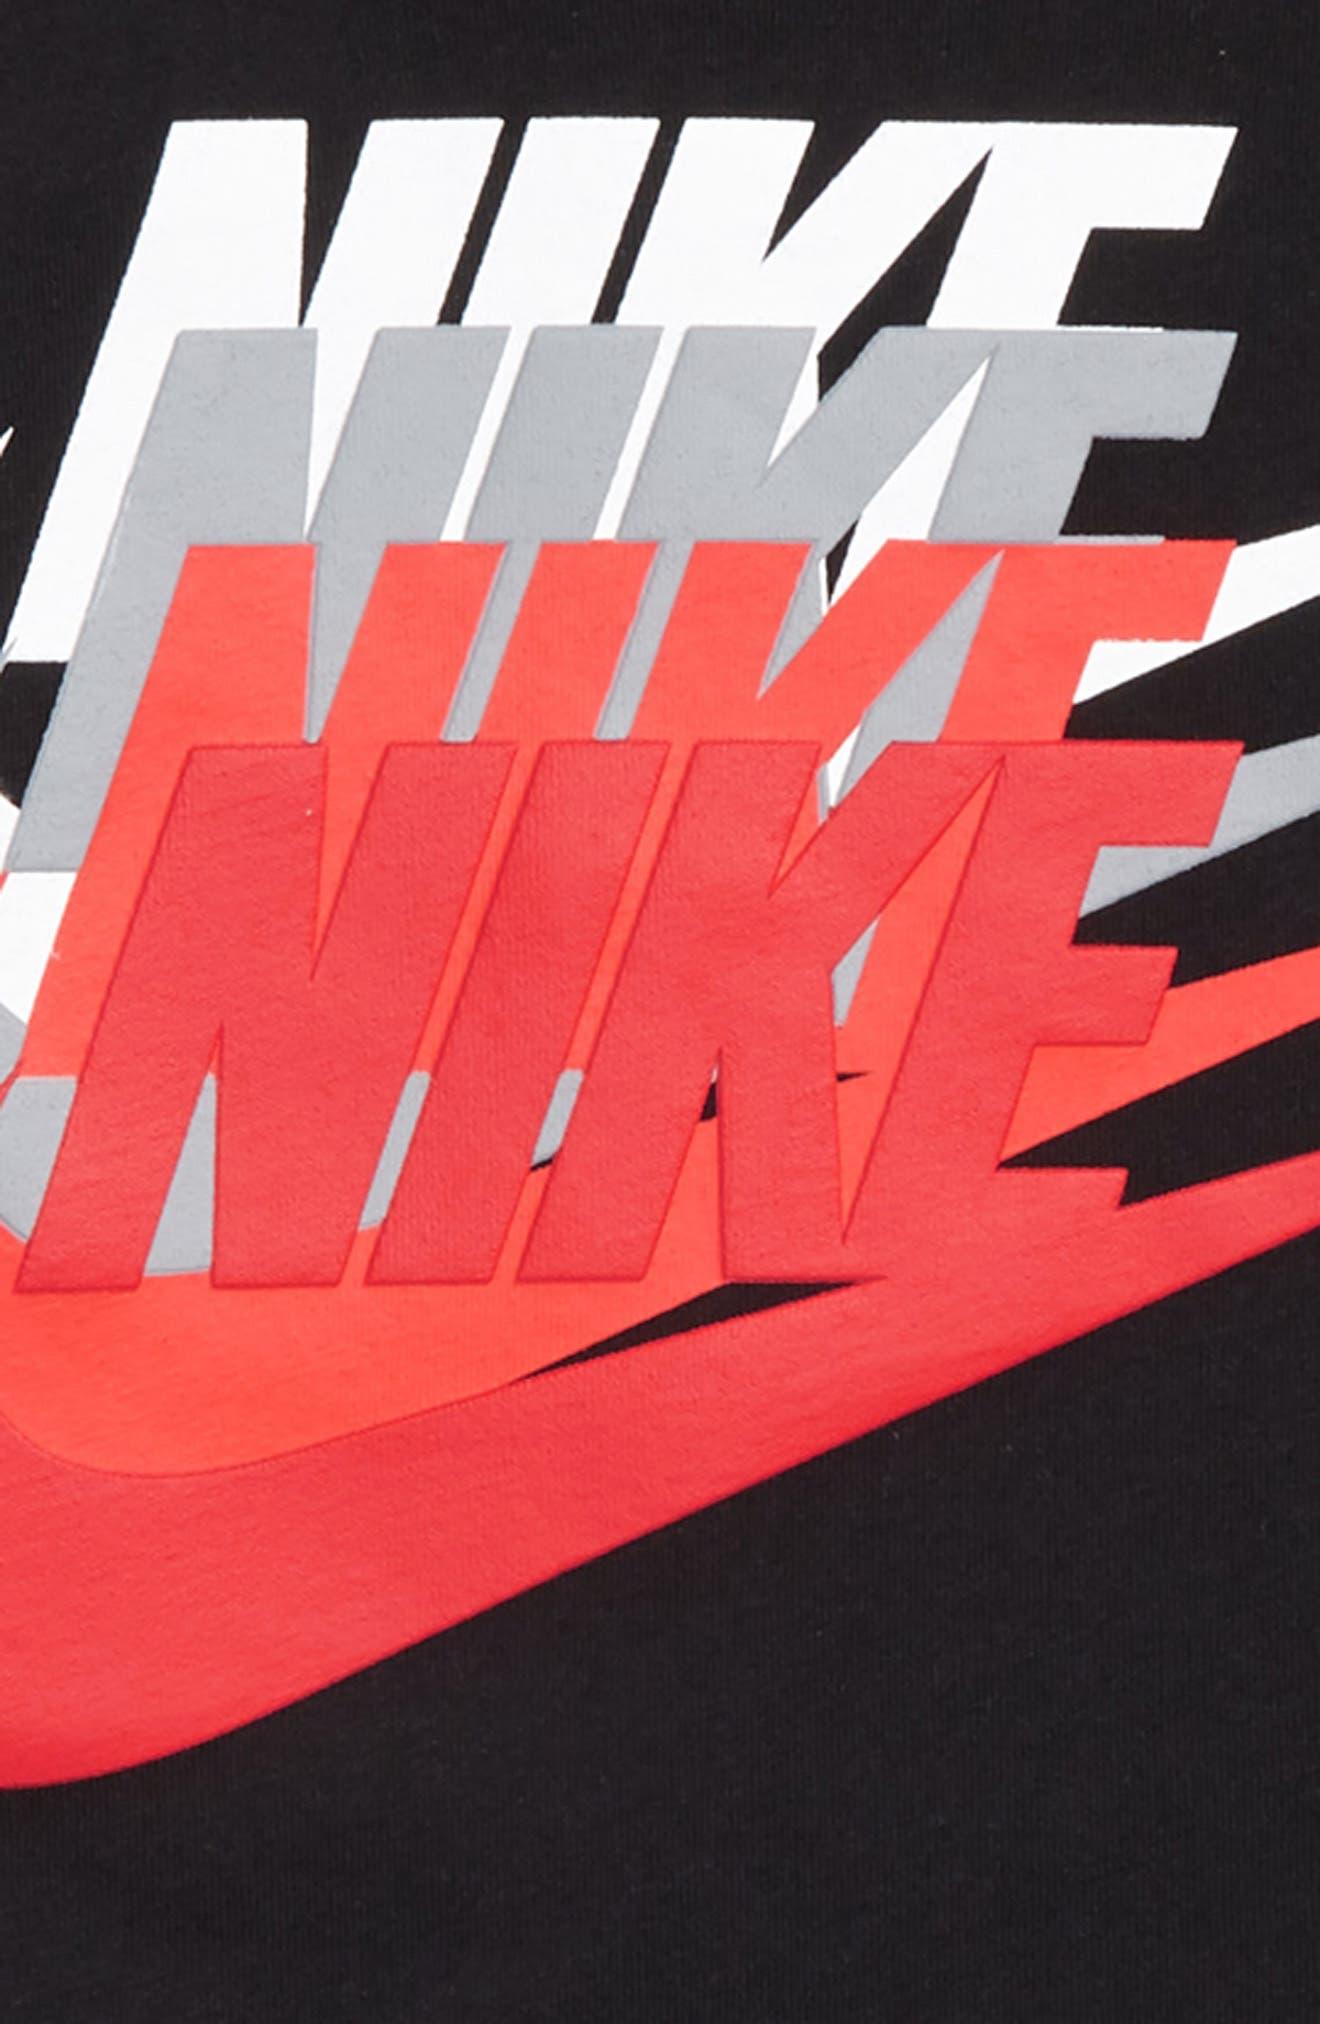 Sunset Futura Graphic T-Shirt,                             Alternate thumbnail 2, color,                             Black